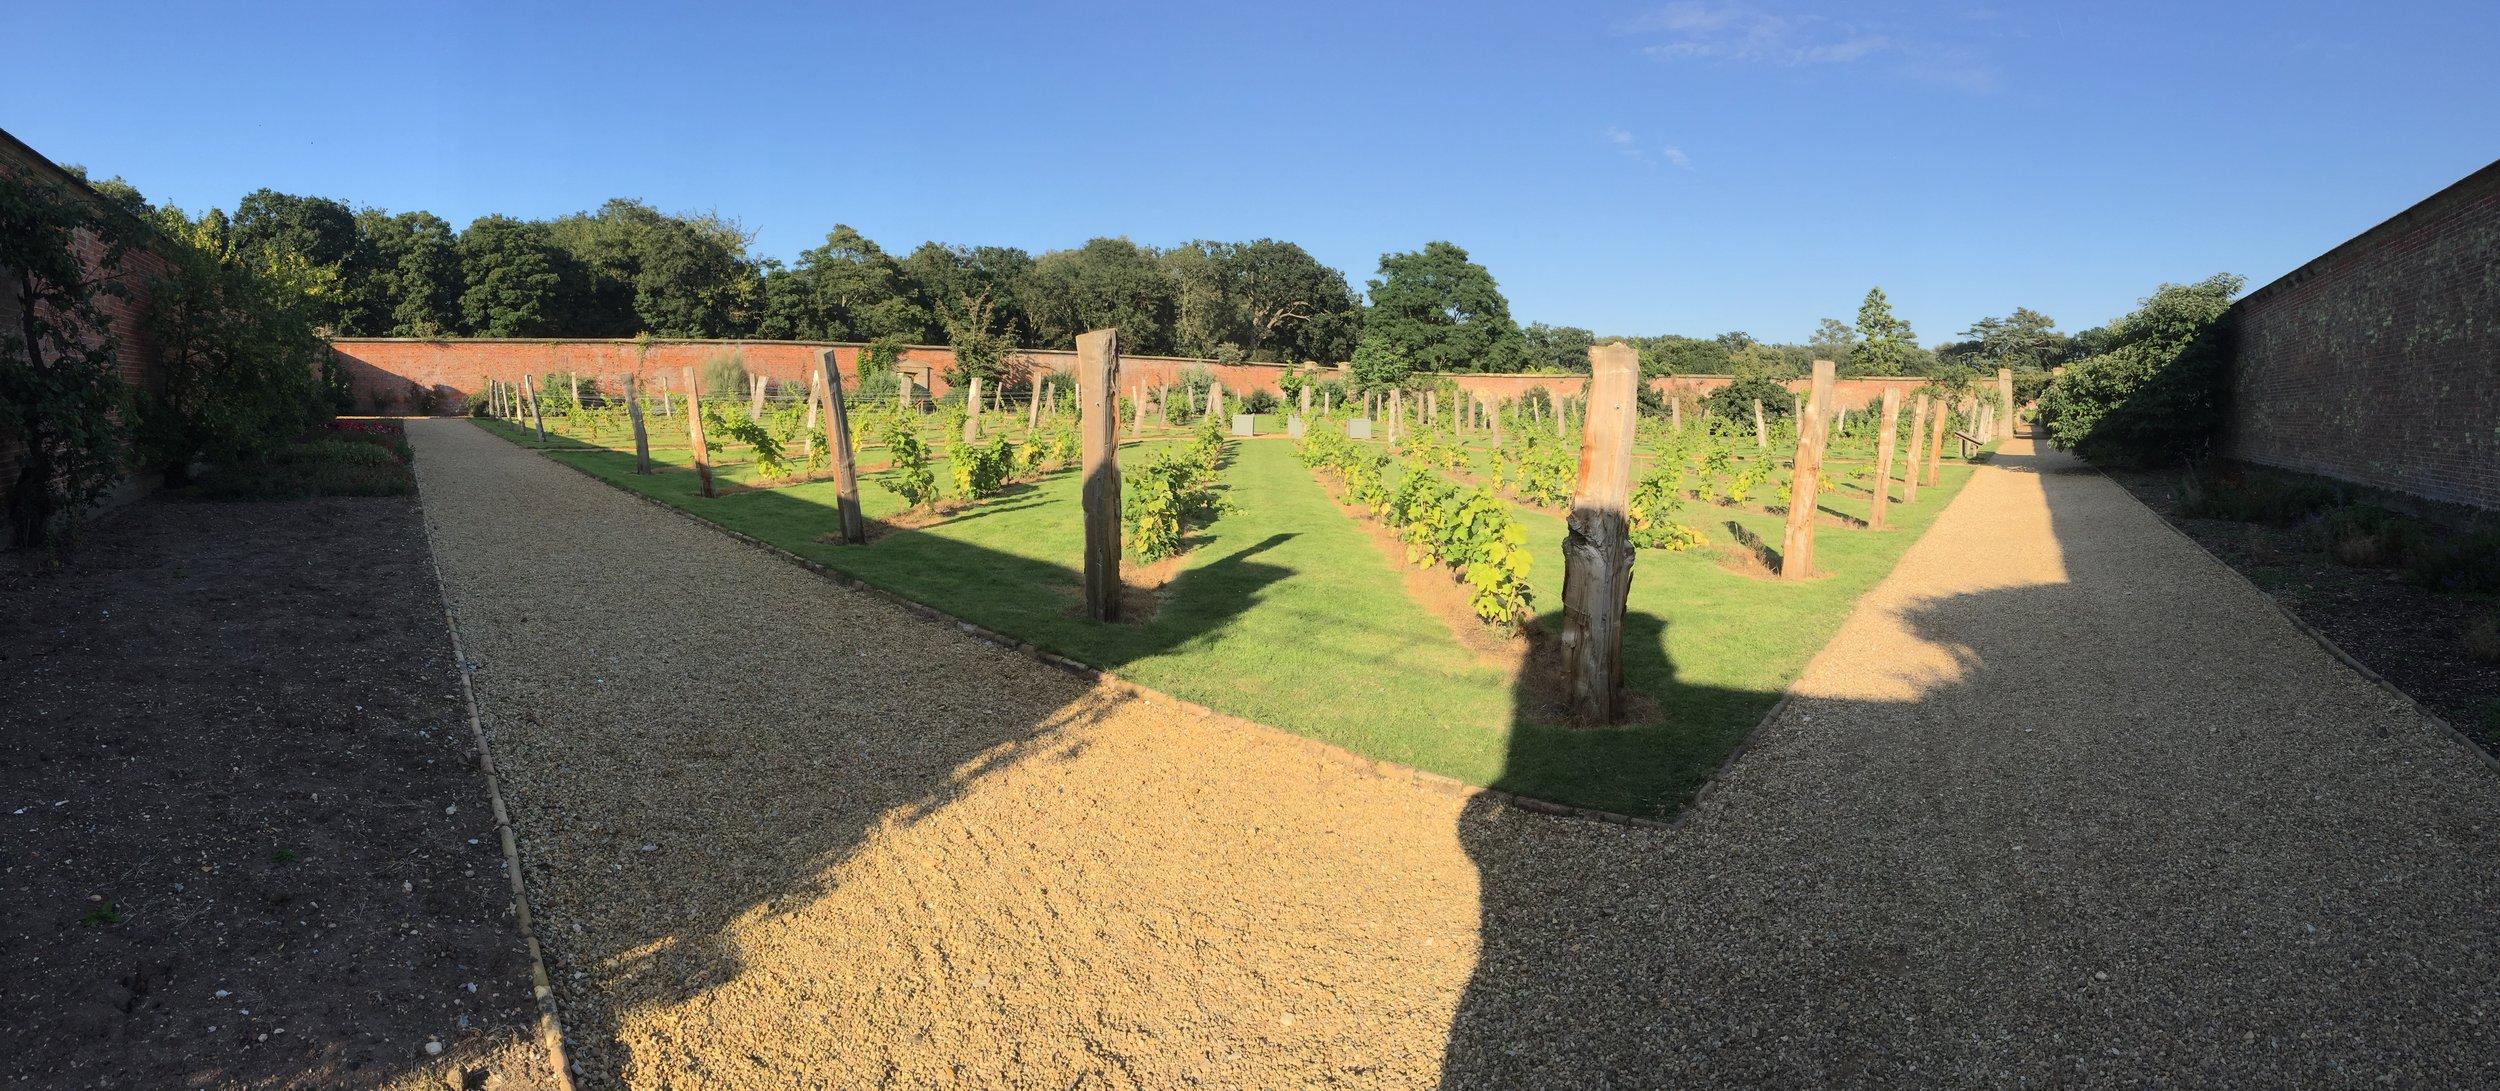 The walled garden vineyard